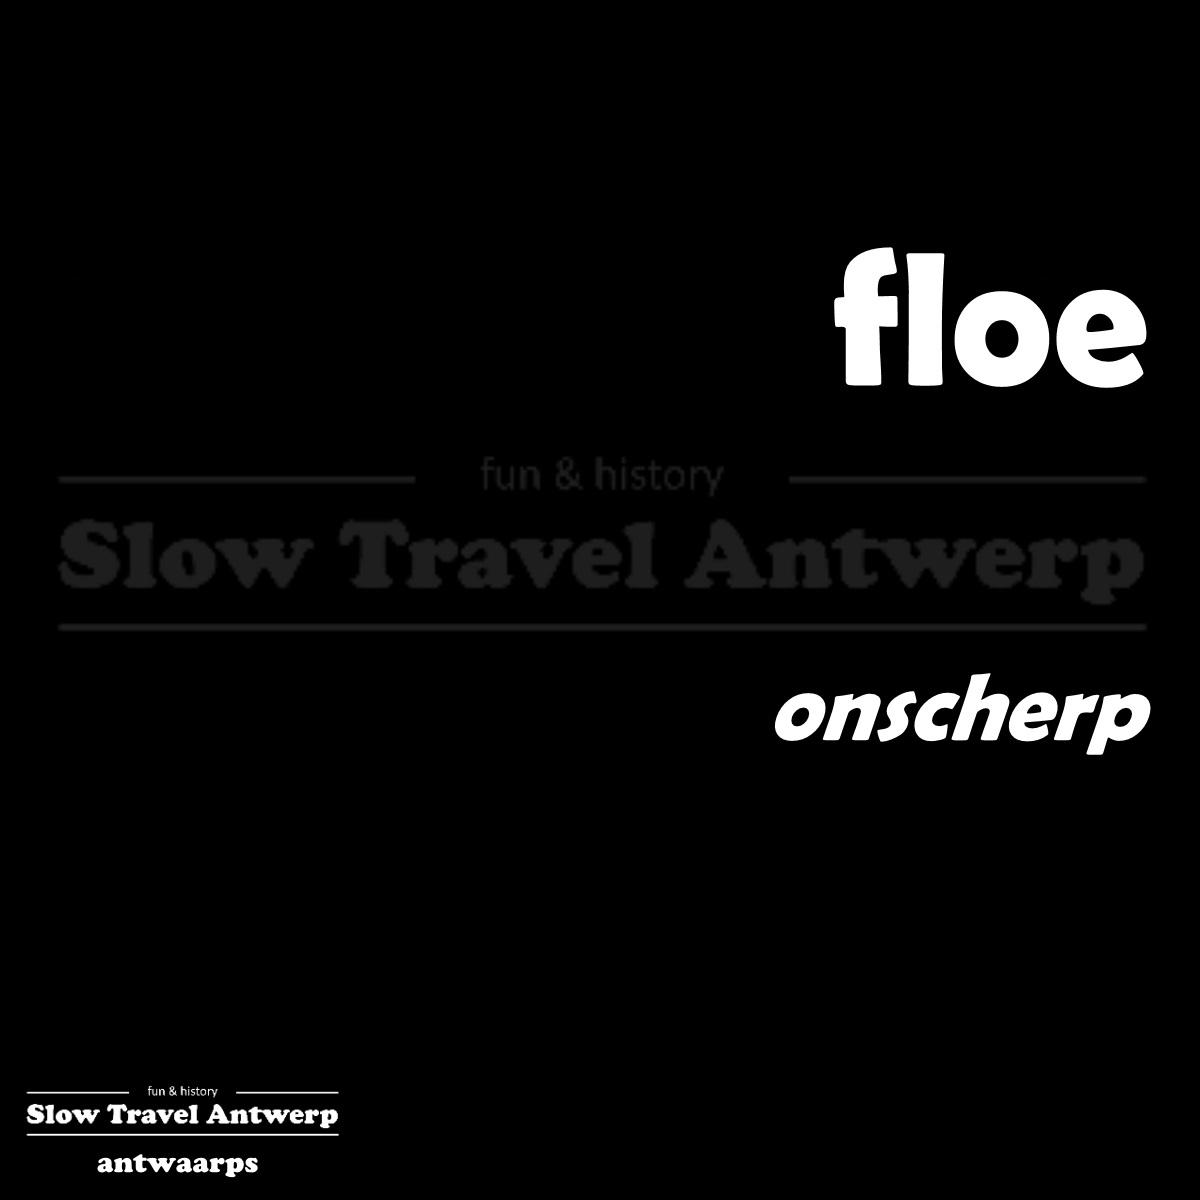 floe – onscherp – blurry